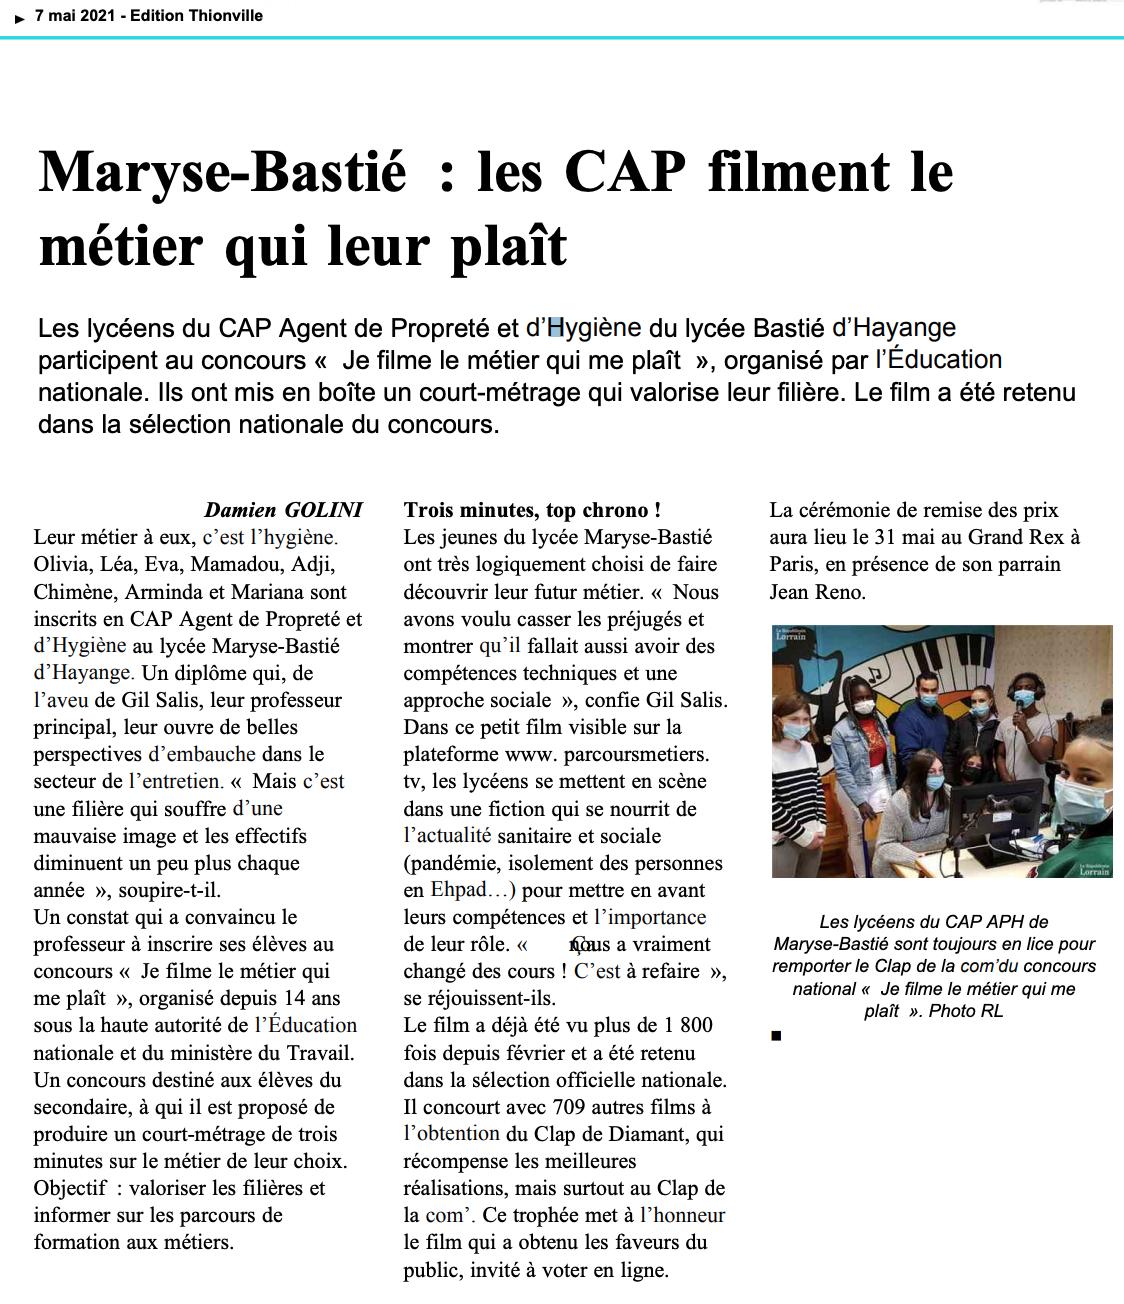 Le Républicain Lorrain - 07/05/2021